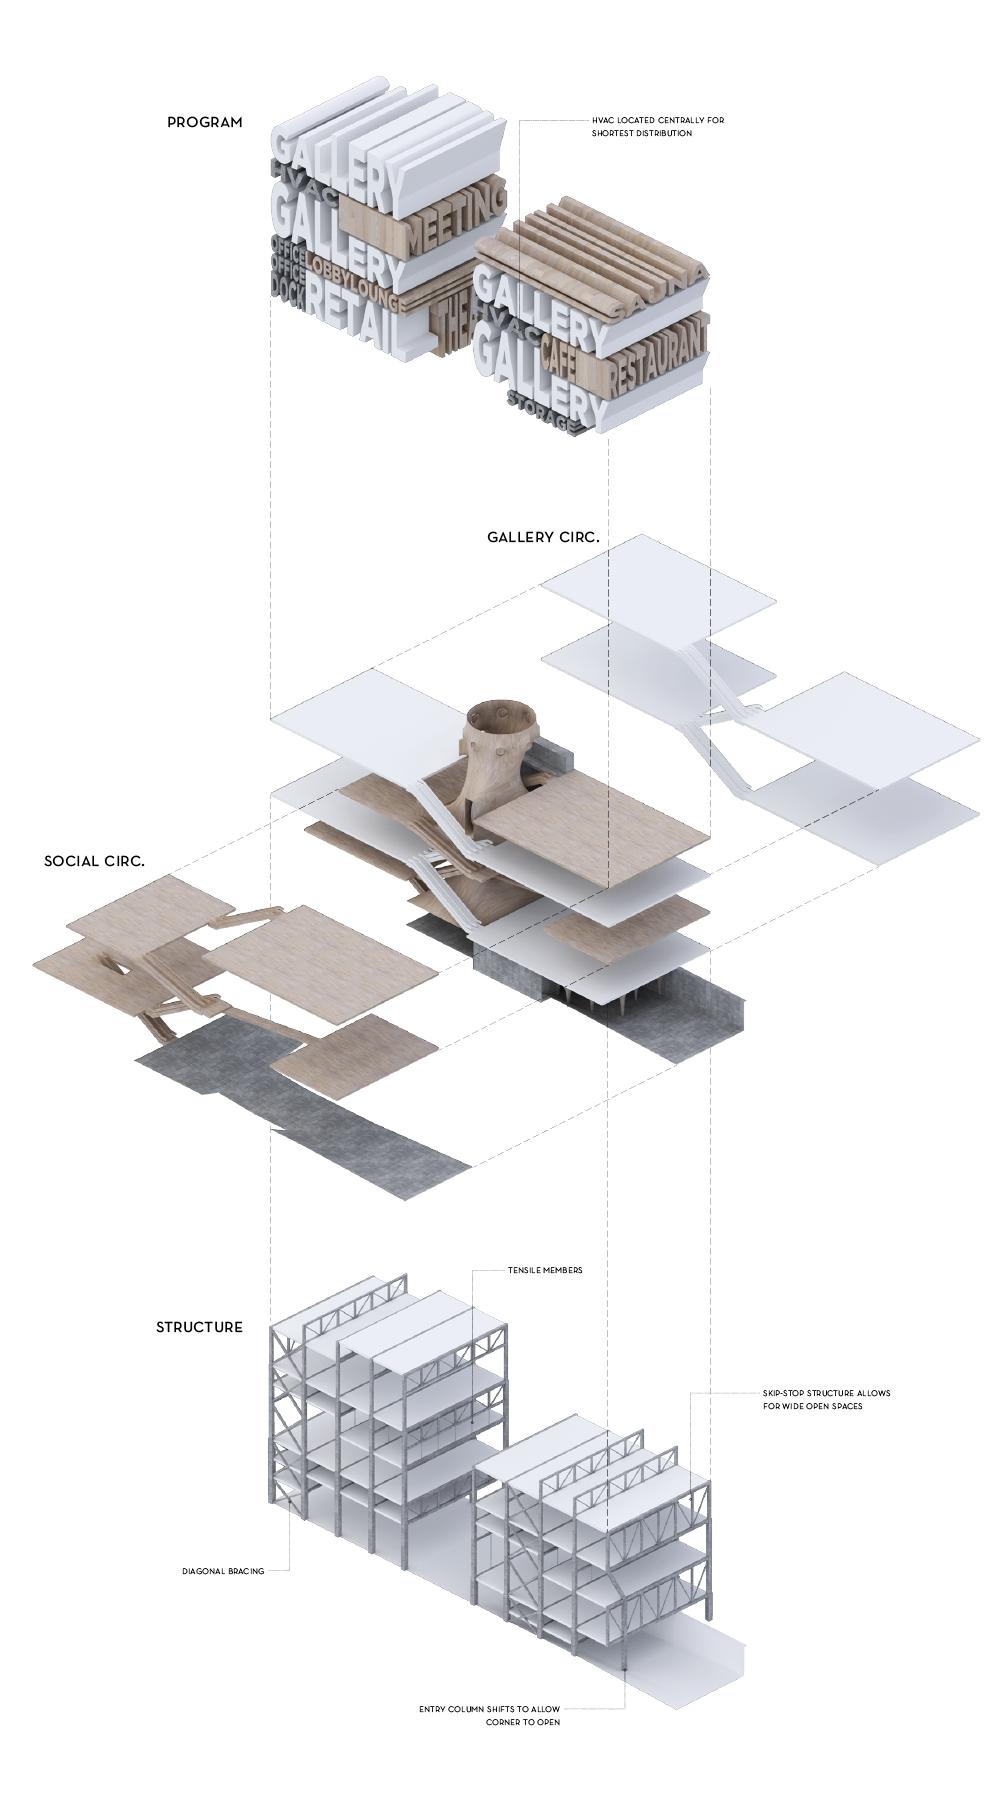 Guggenheim_Diagrams.png